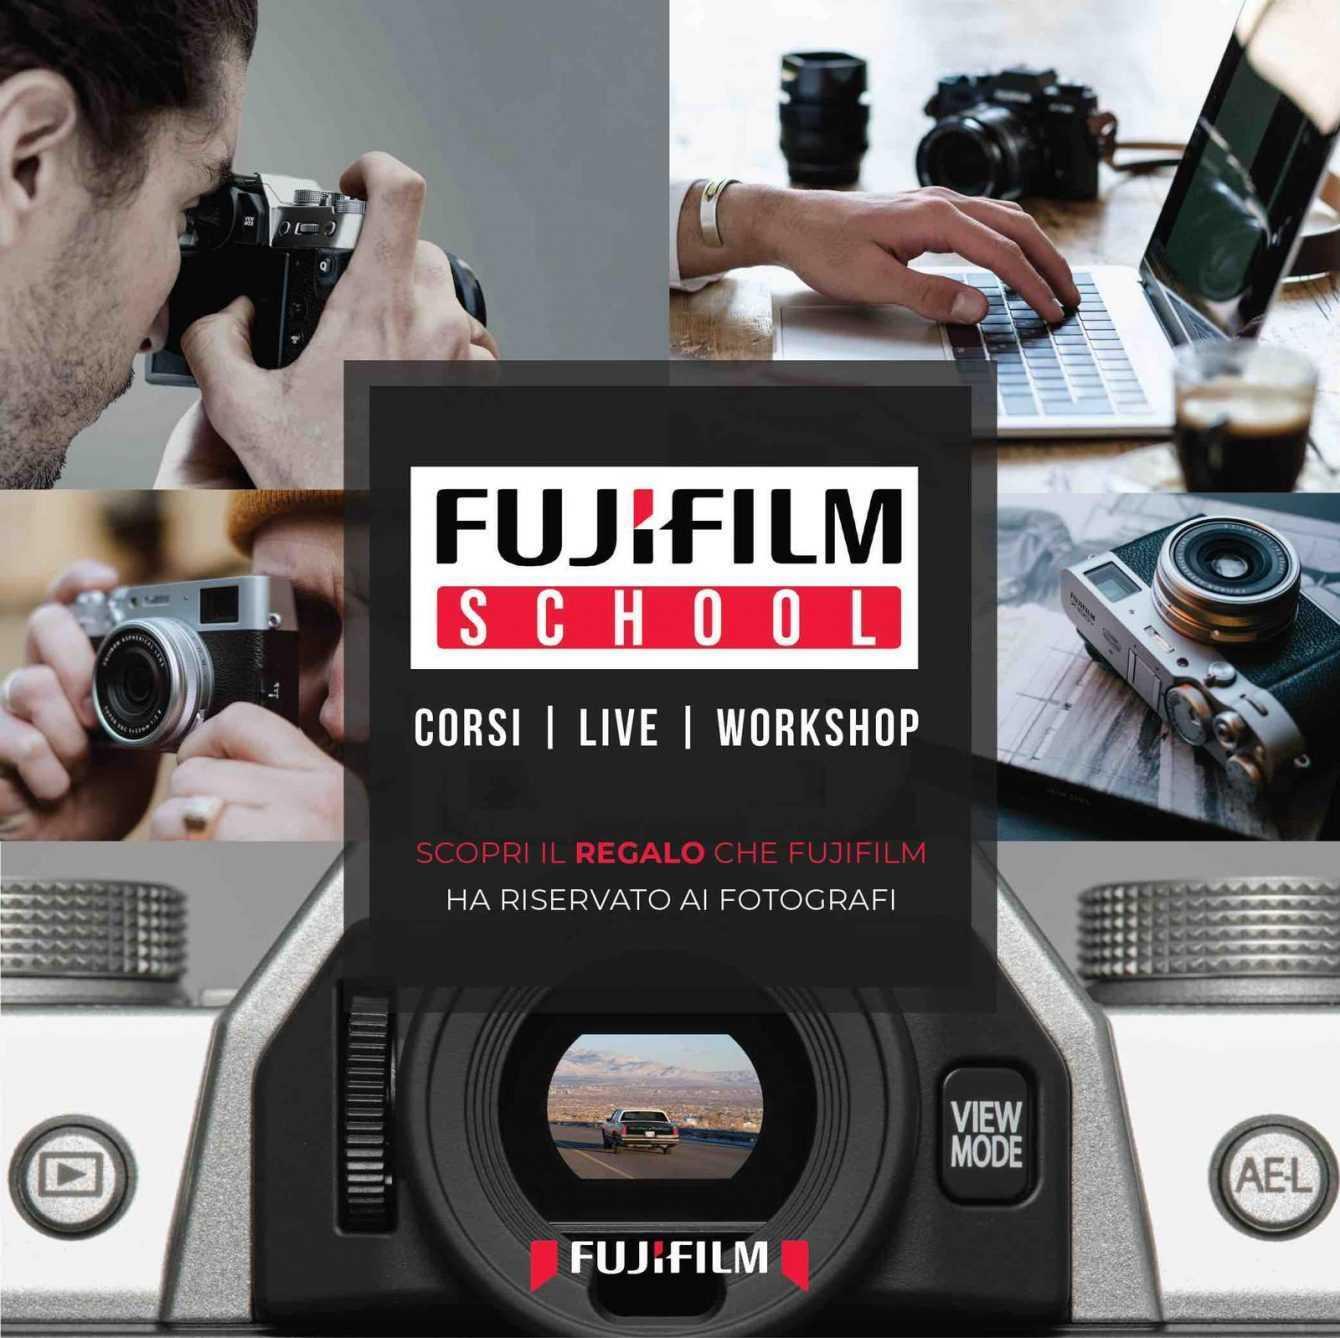 Fujifilm School: la nuova piattaforma educational